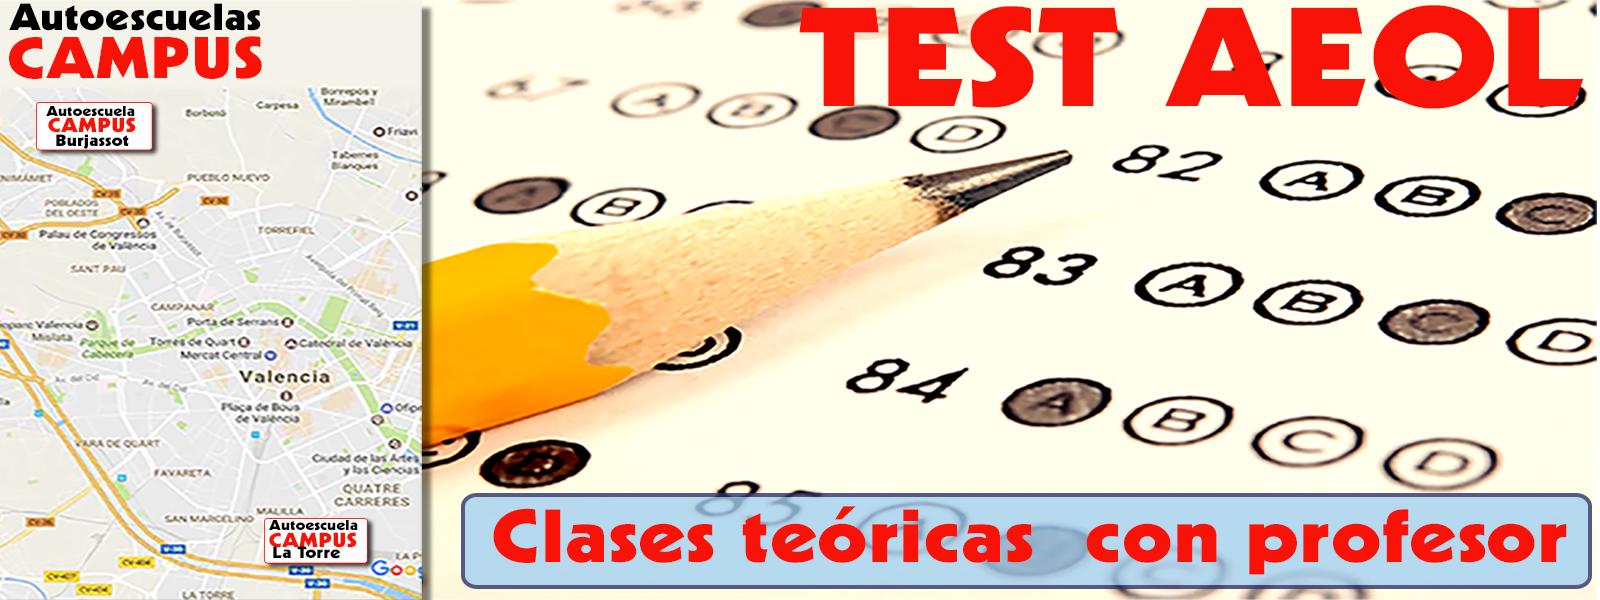 dgt examen Tavernes Blanques, dgt test Horta Nord, dgt test Burjassot, dgt test Moncada, dgt test Al